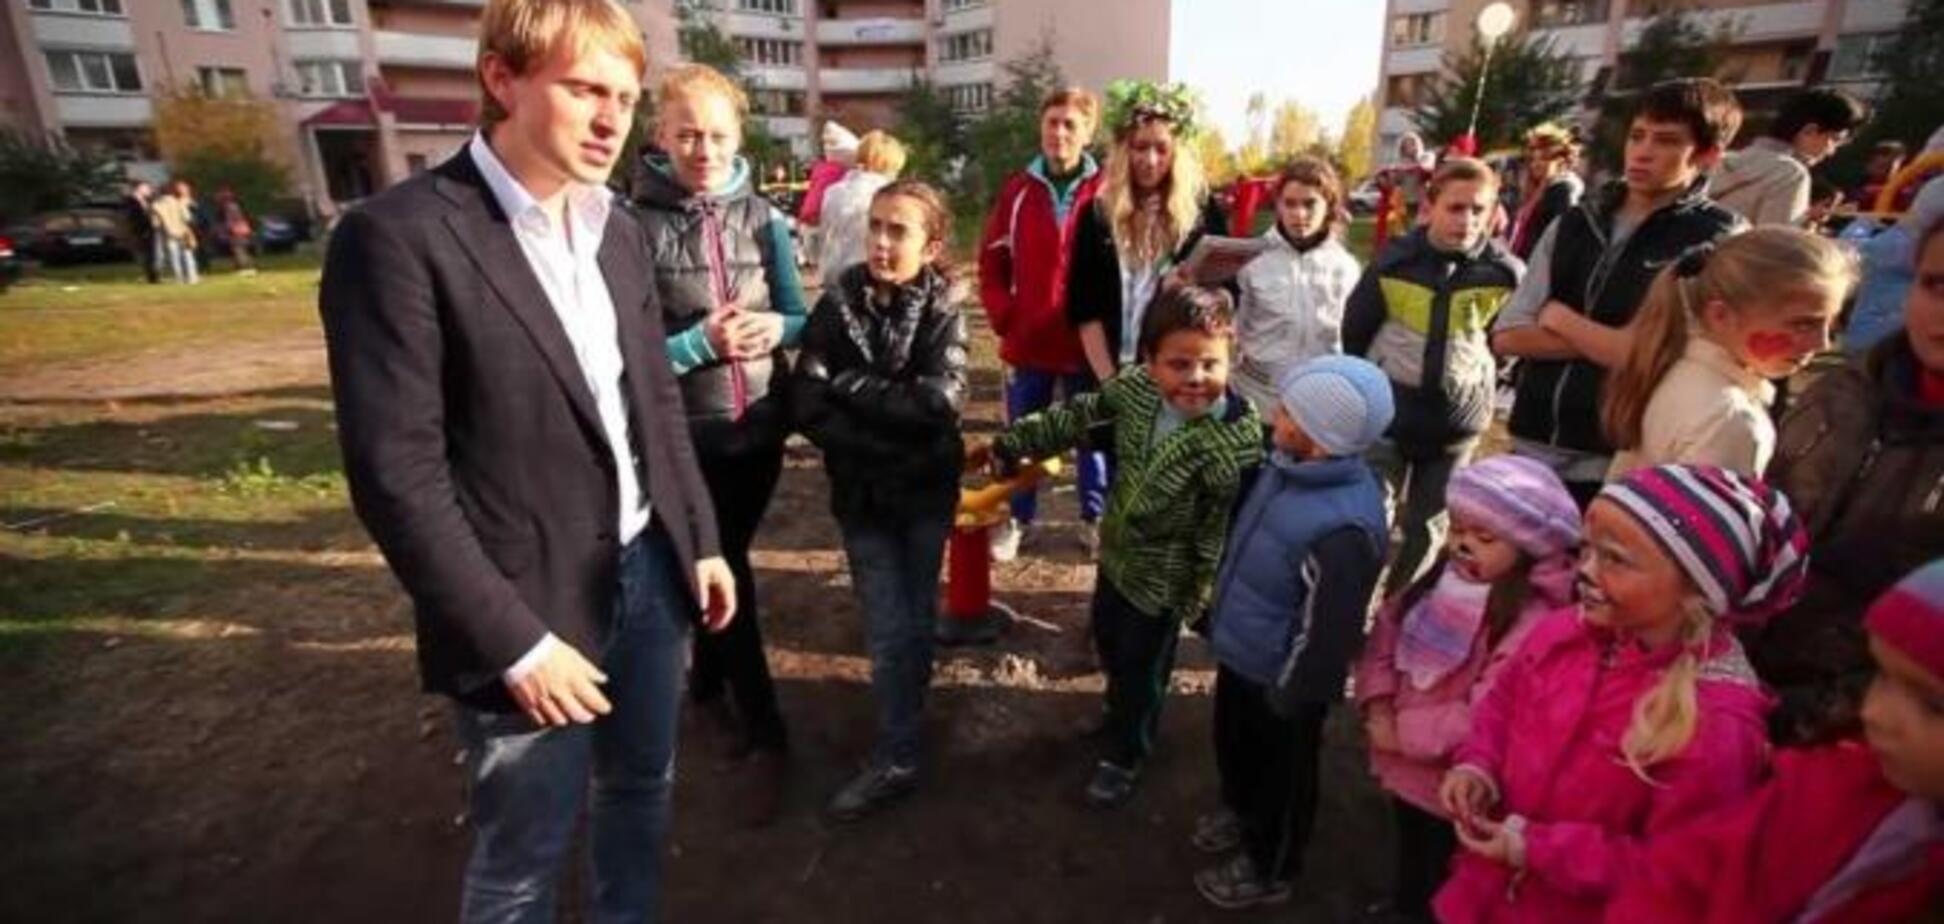 Собрали по сусекам: депутат 'команды Черновецкого' вышел под залог из СИЗО